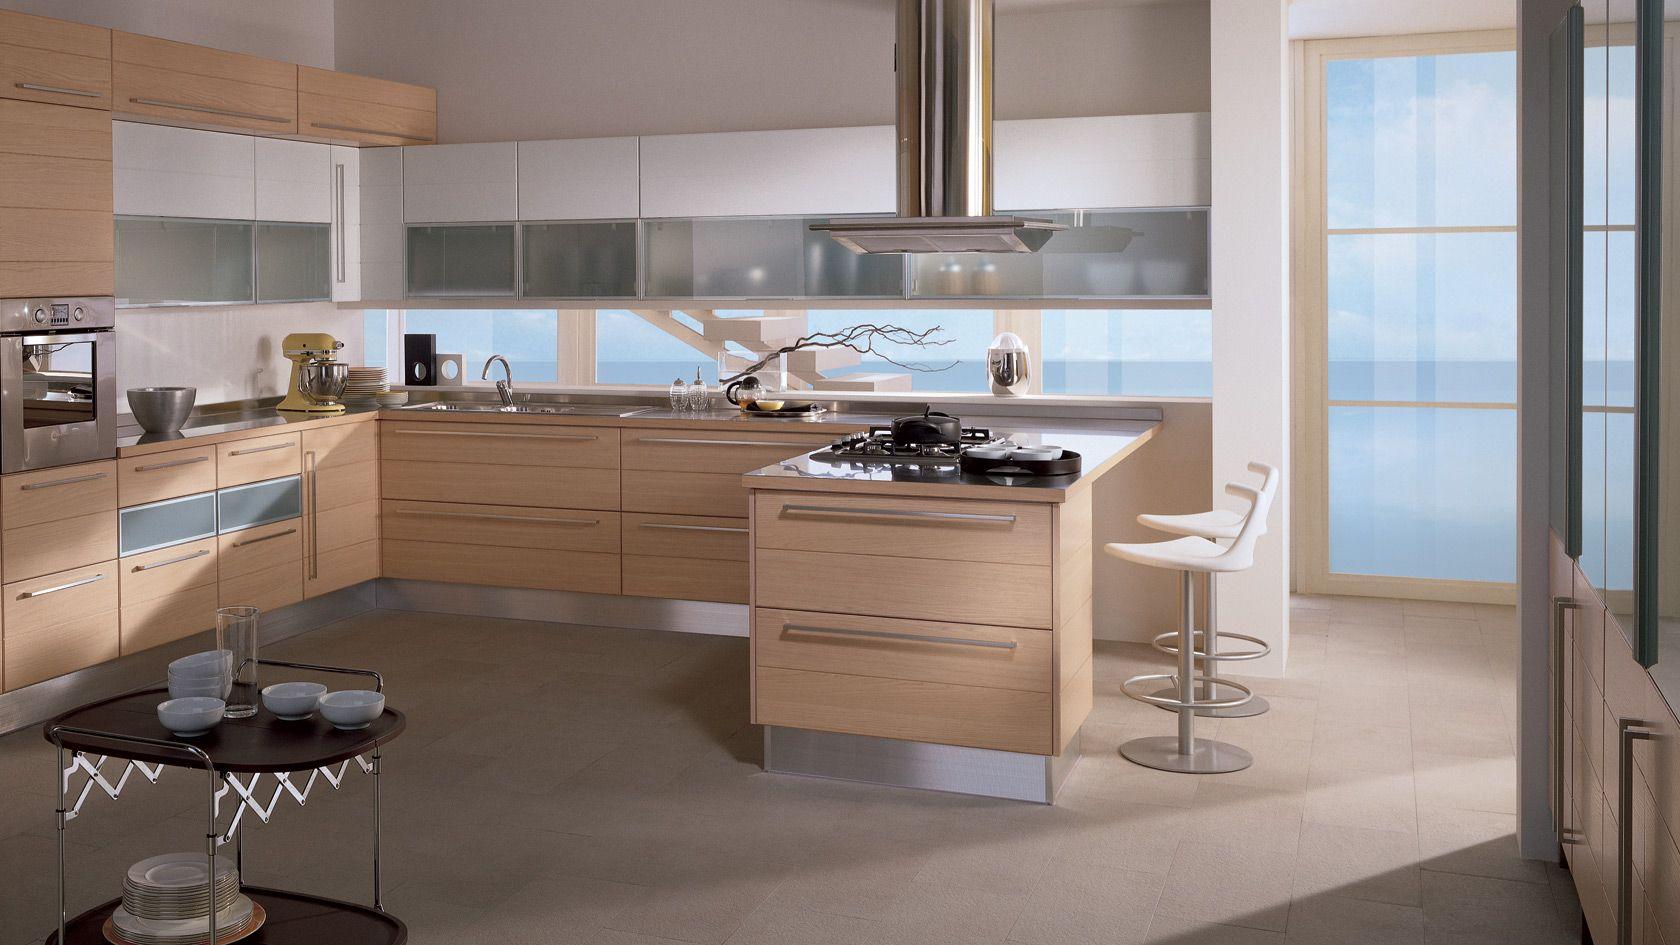 Bella cucina con penisola e finestra livello banco lavoro for Bella cucina kitchen cabinets